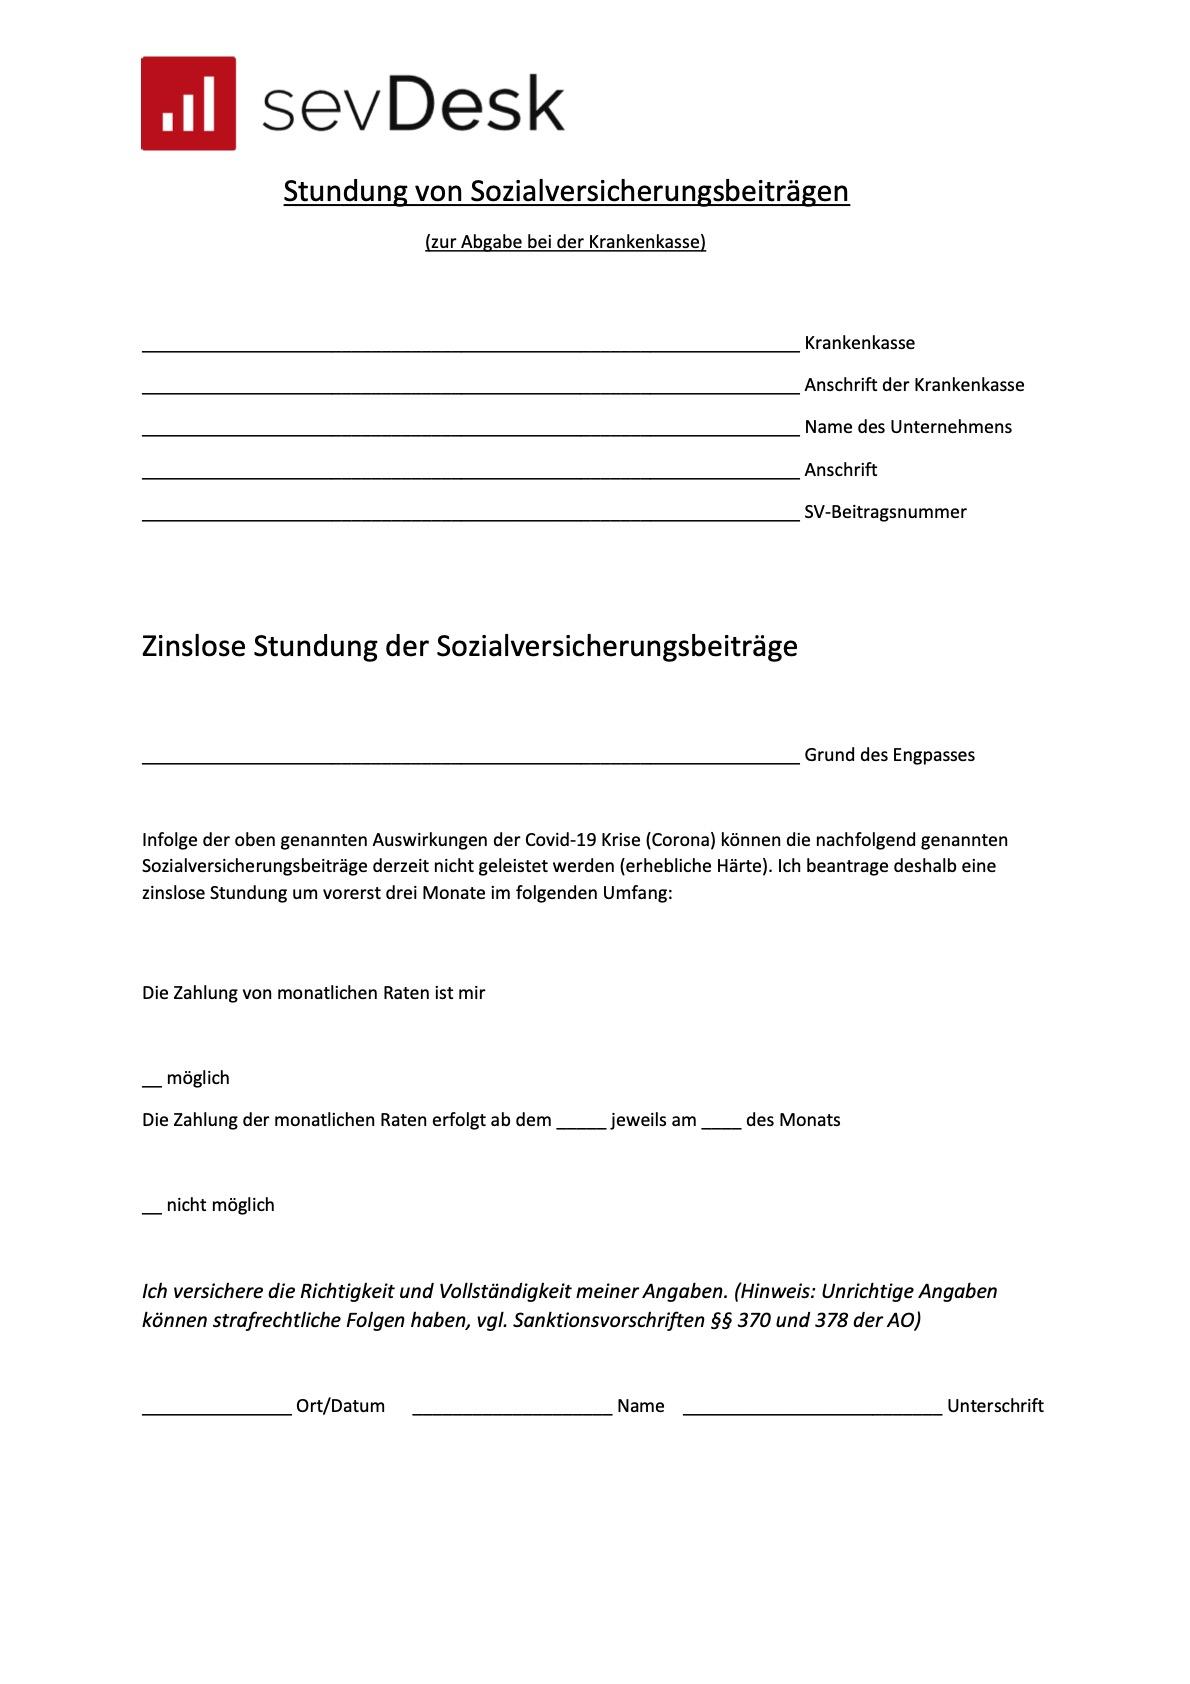 formular-stundung-von-sozialversicherungsbeitraegen